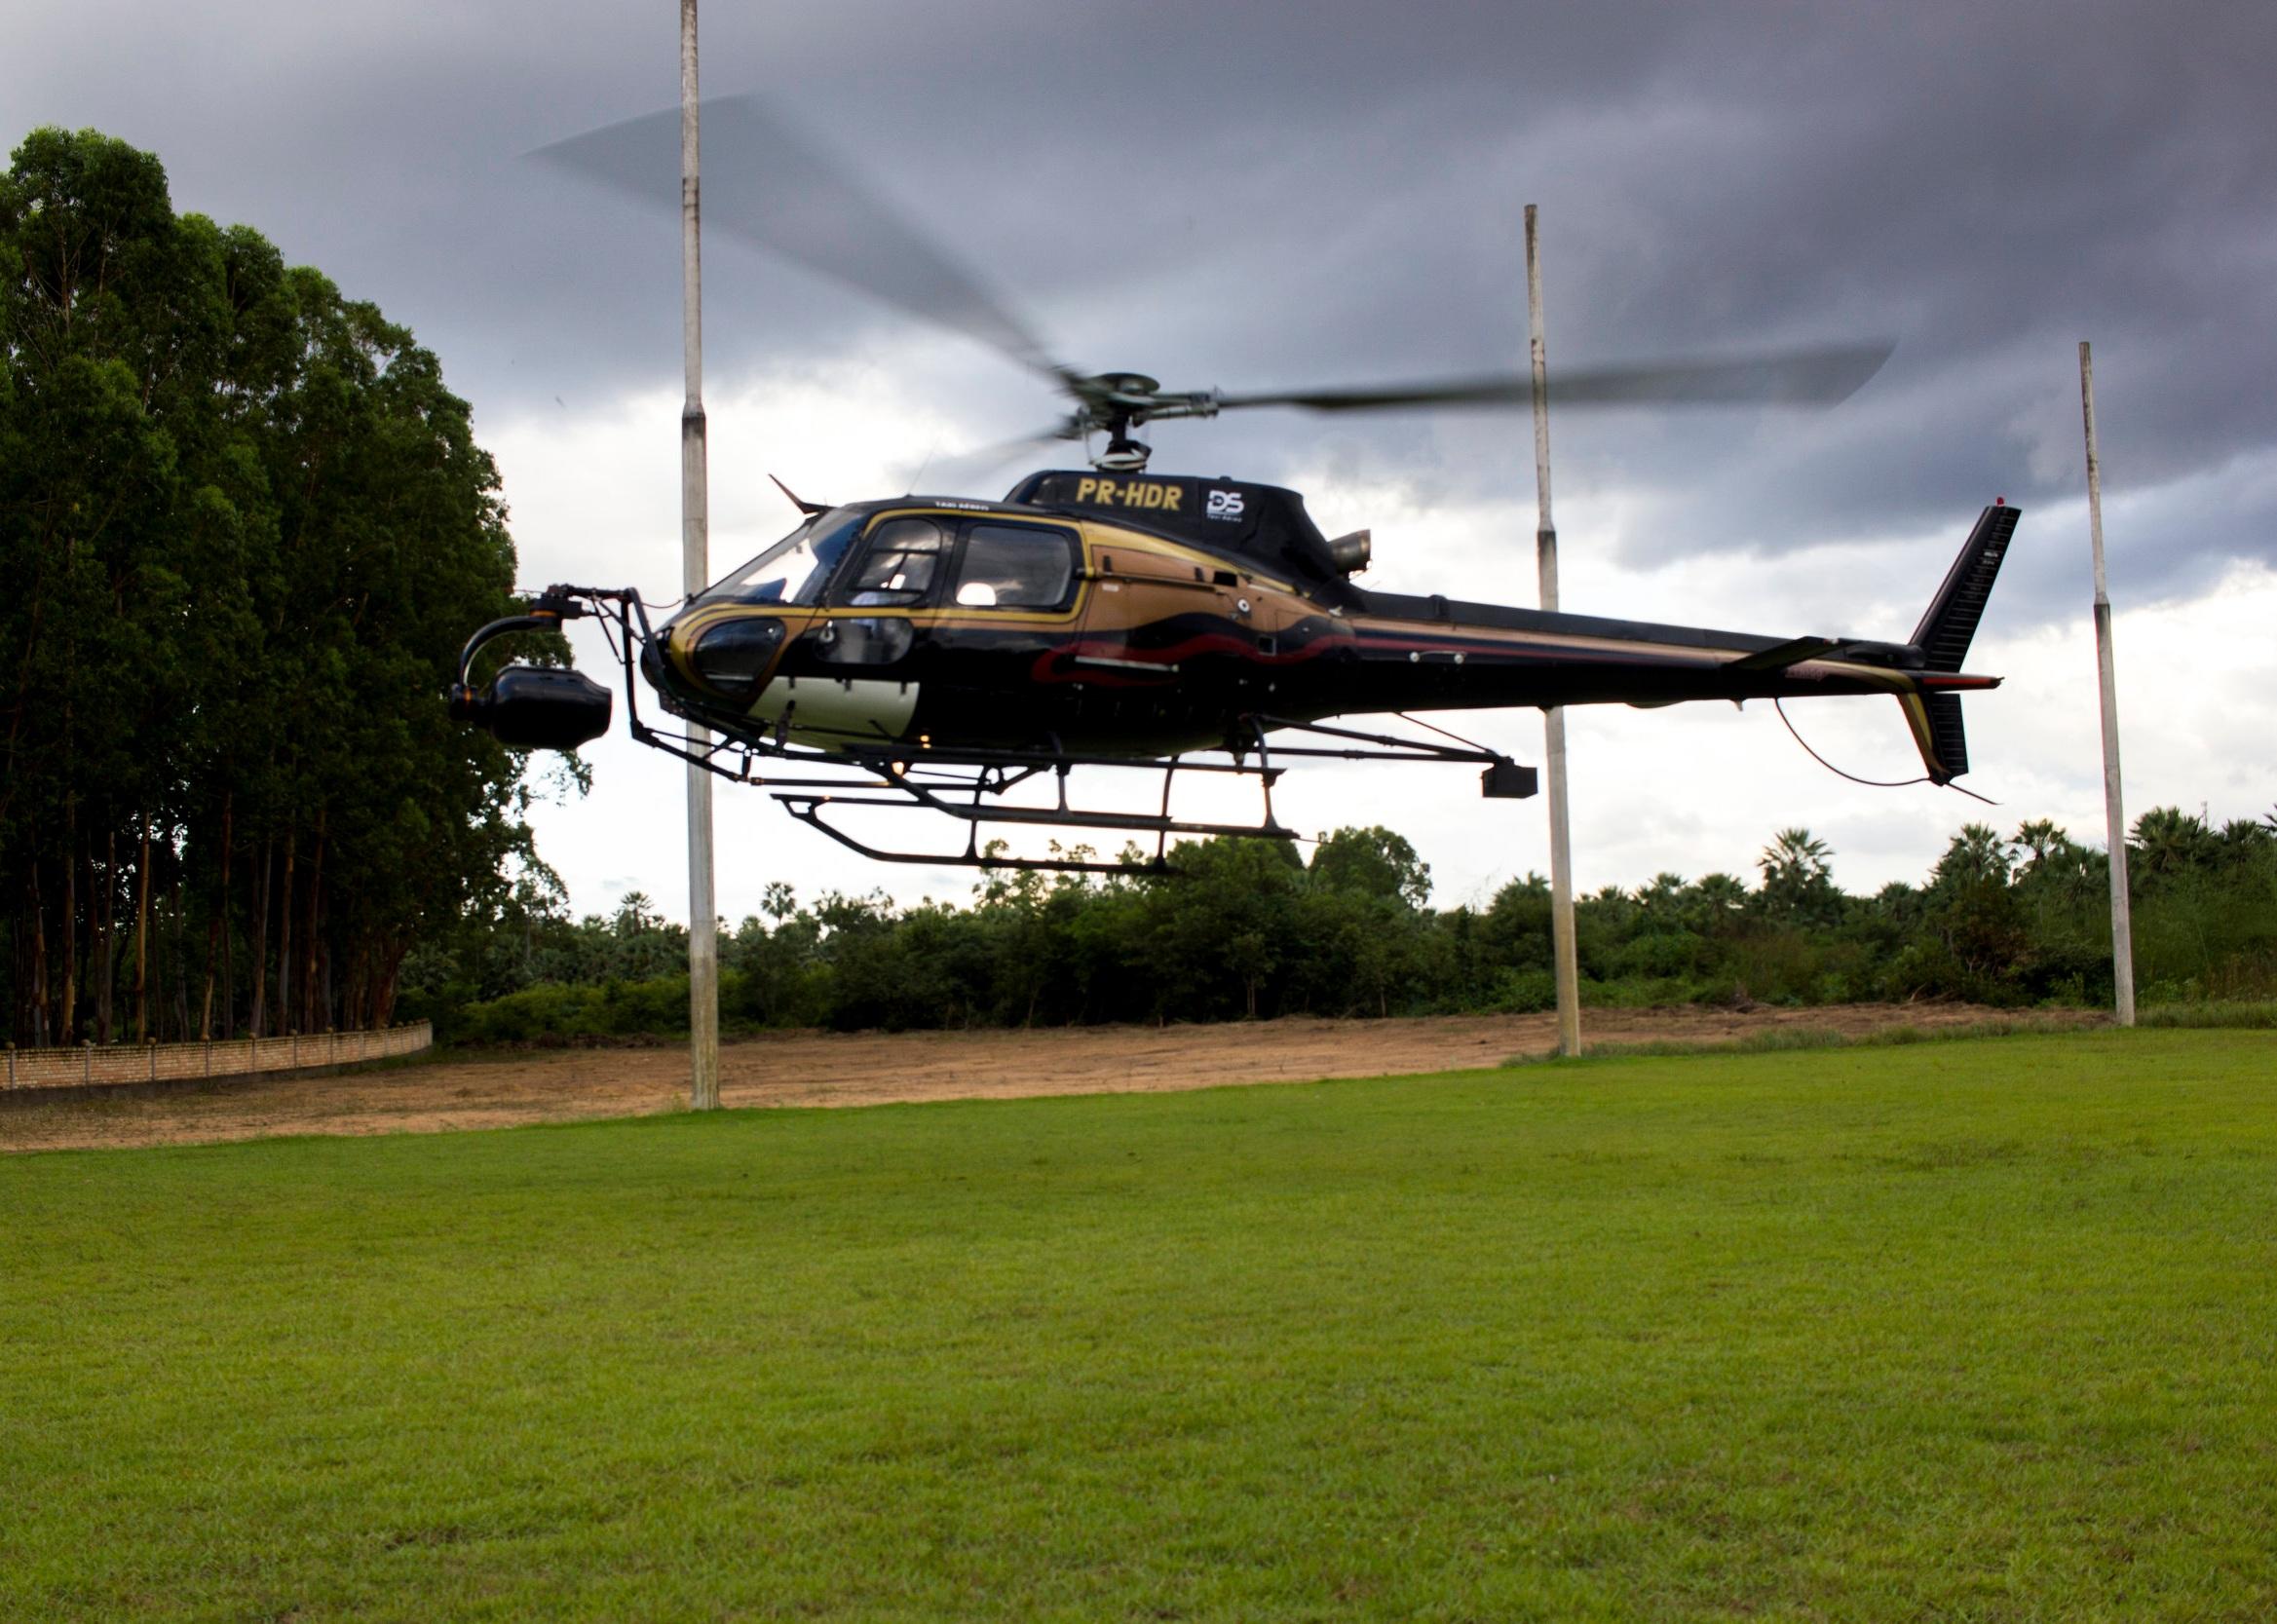 Helicóptero levanta voo para iniciar dia de filmagem.